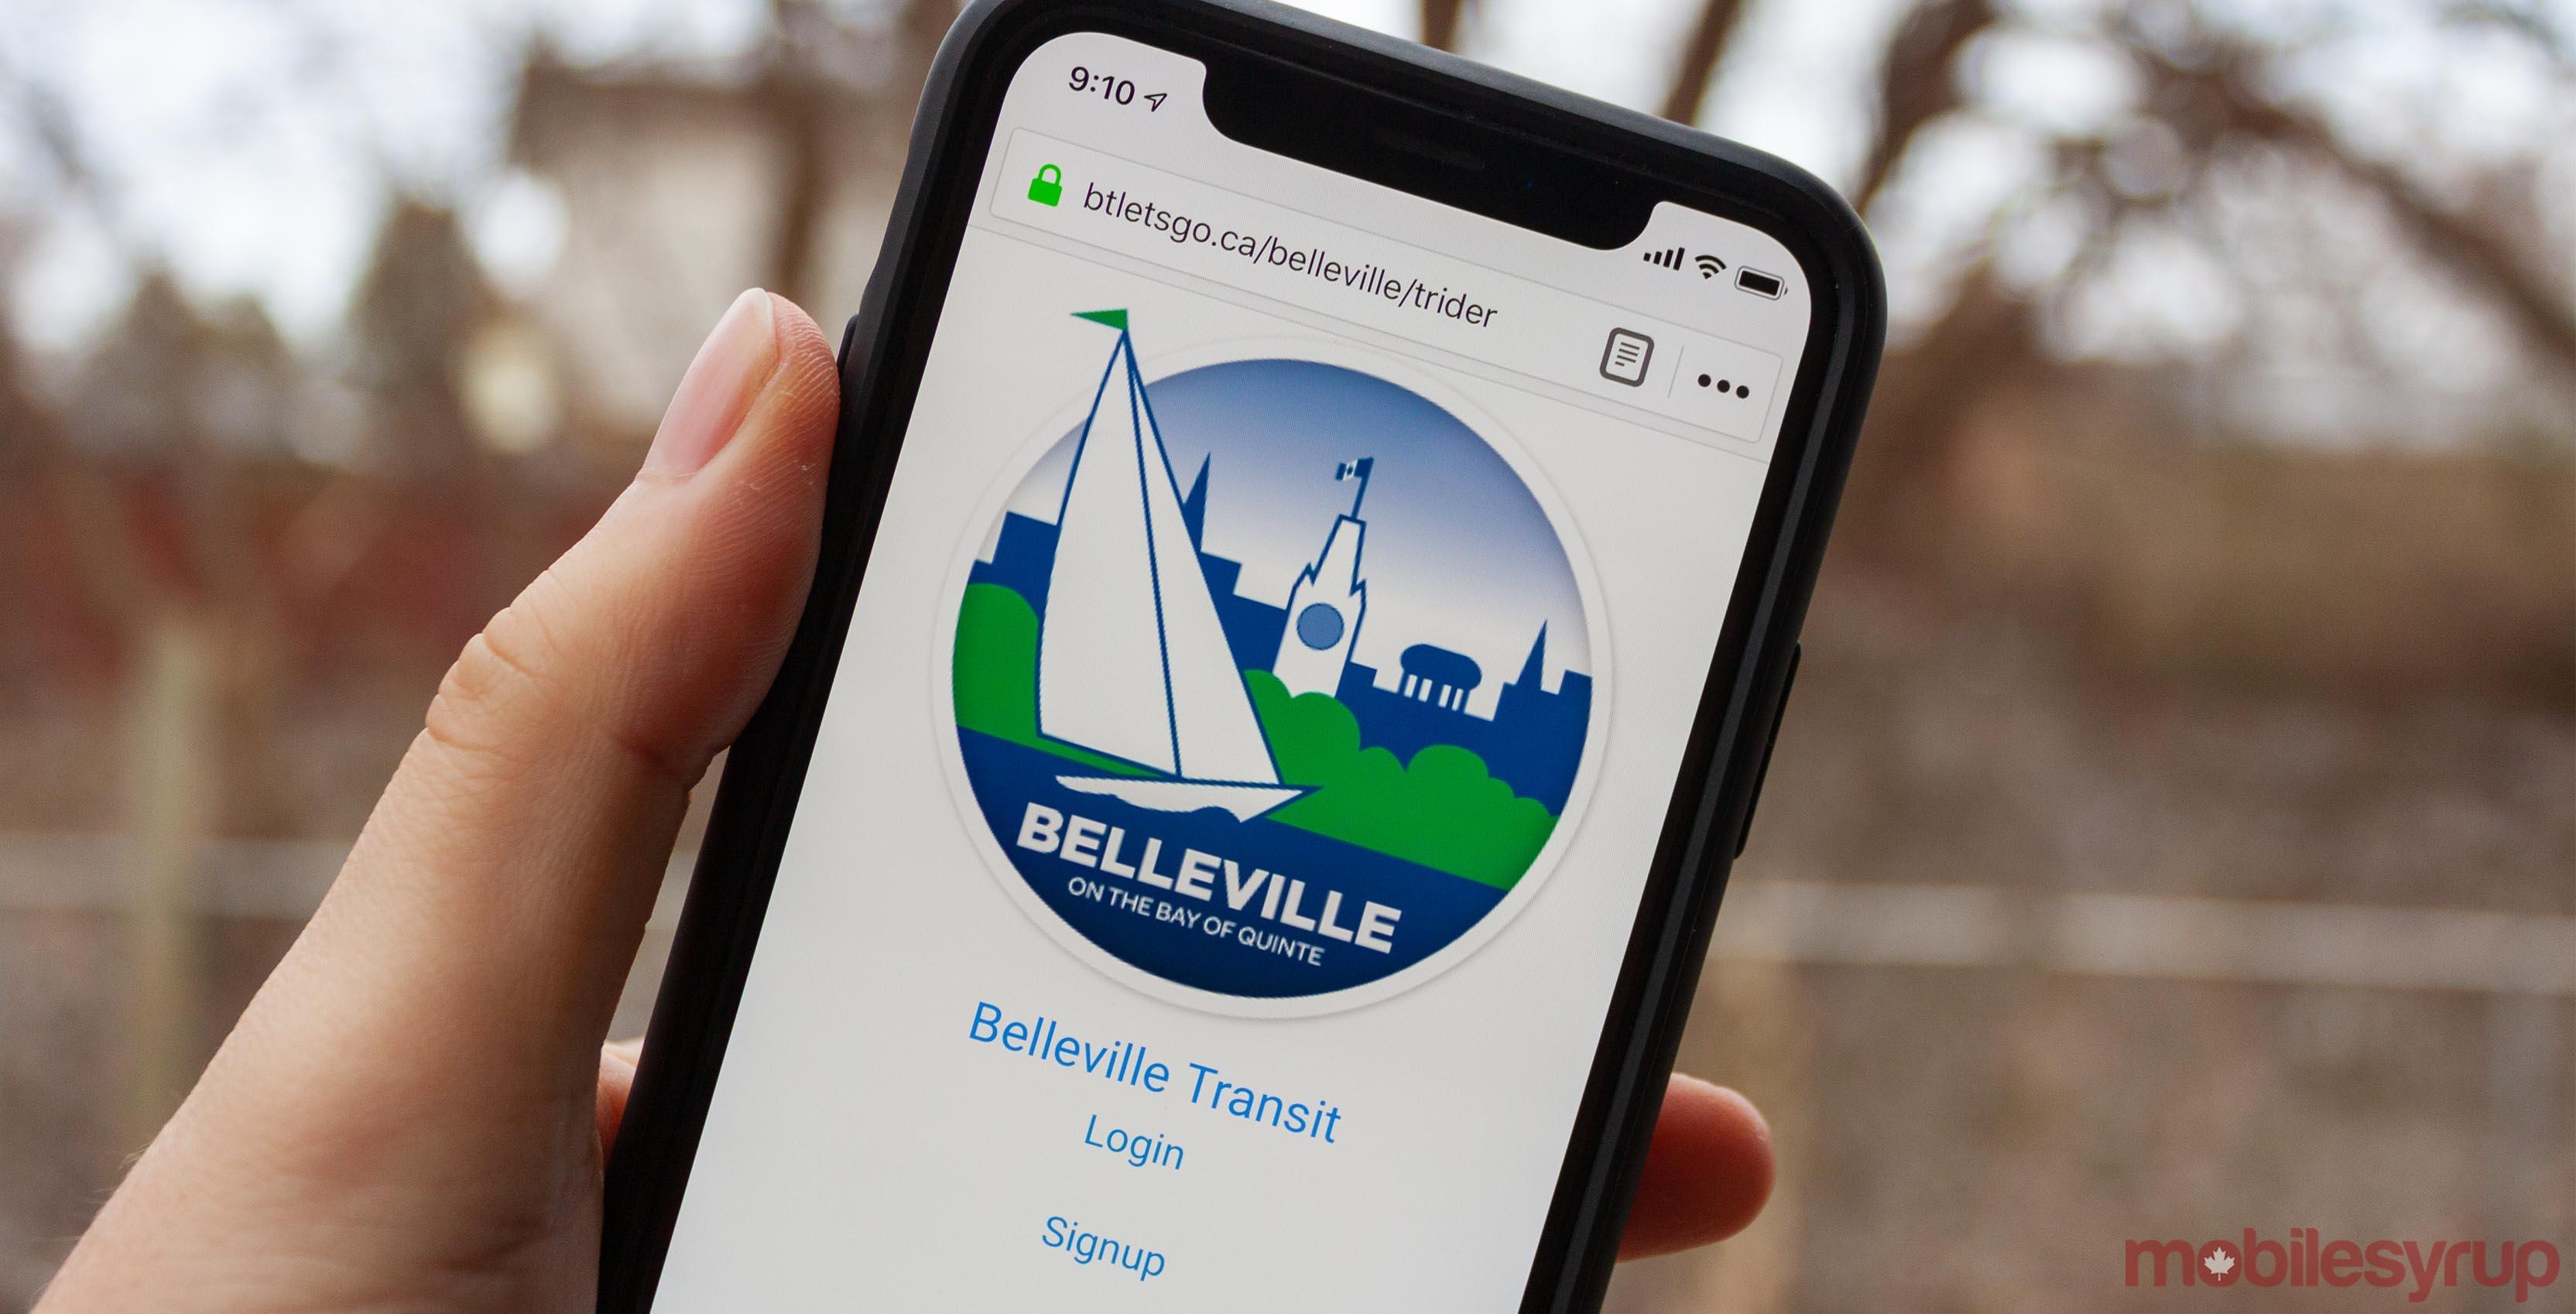 Belleville transit website